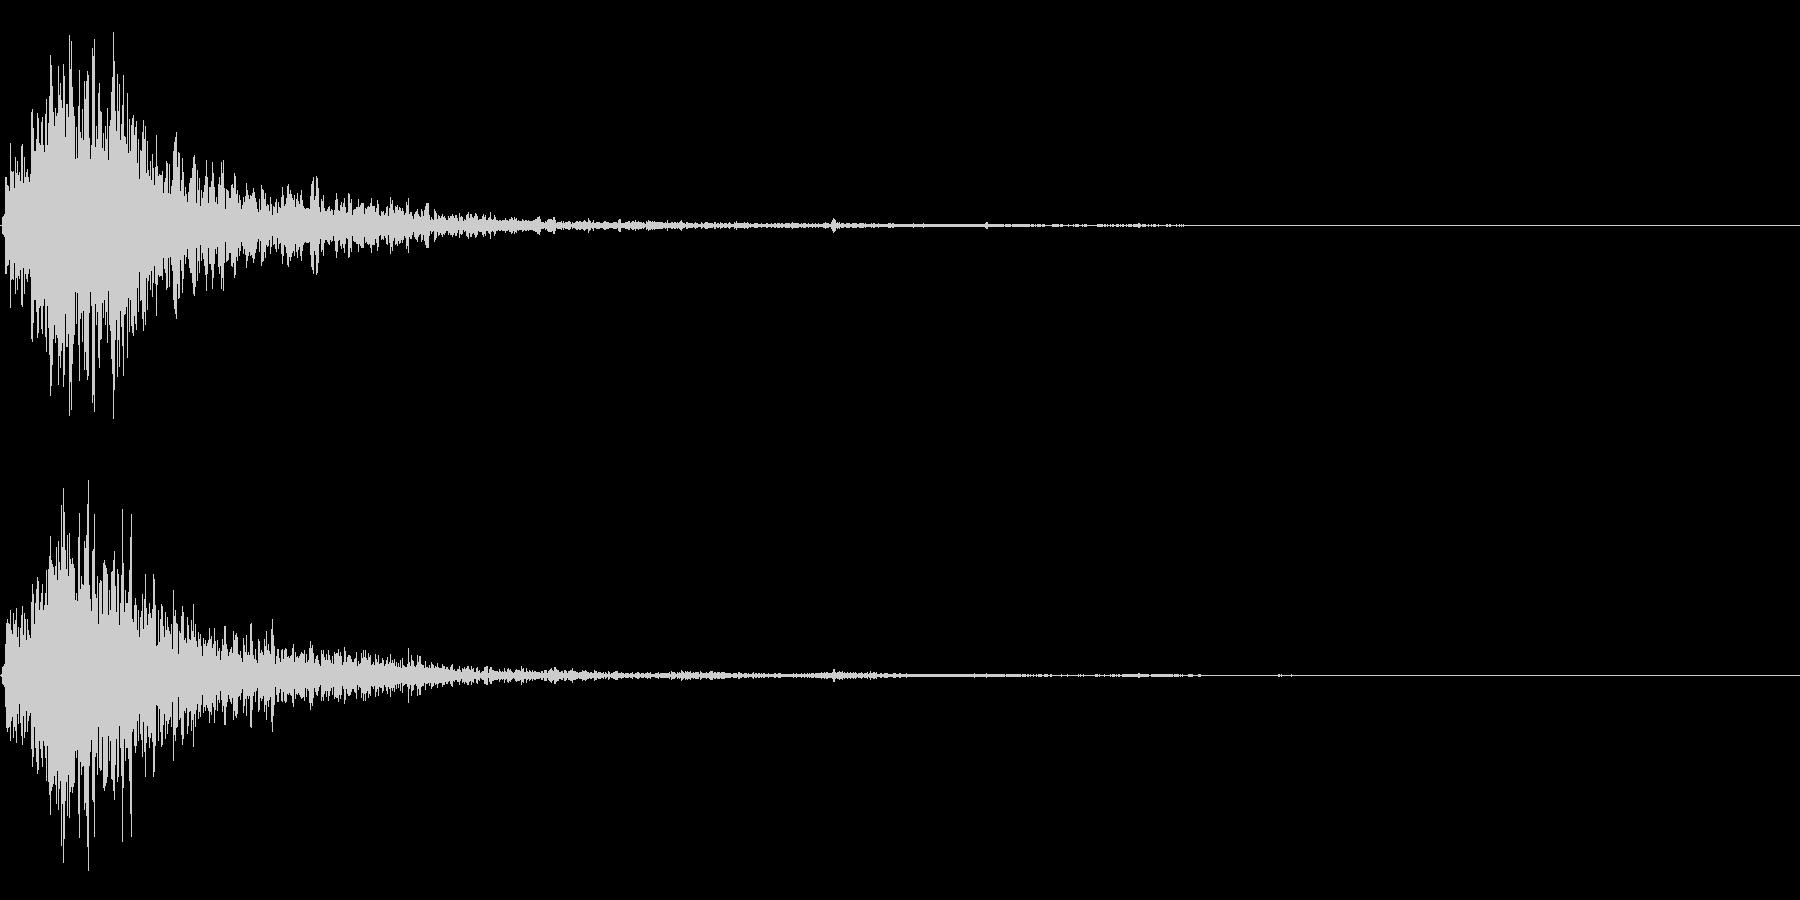 シュッ衝撃音ホラーサスペンスに最適のSEの未再生の波形